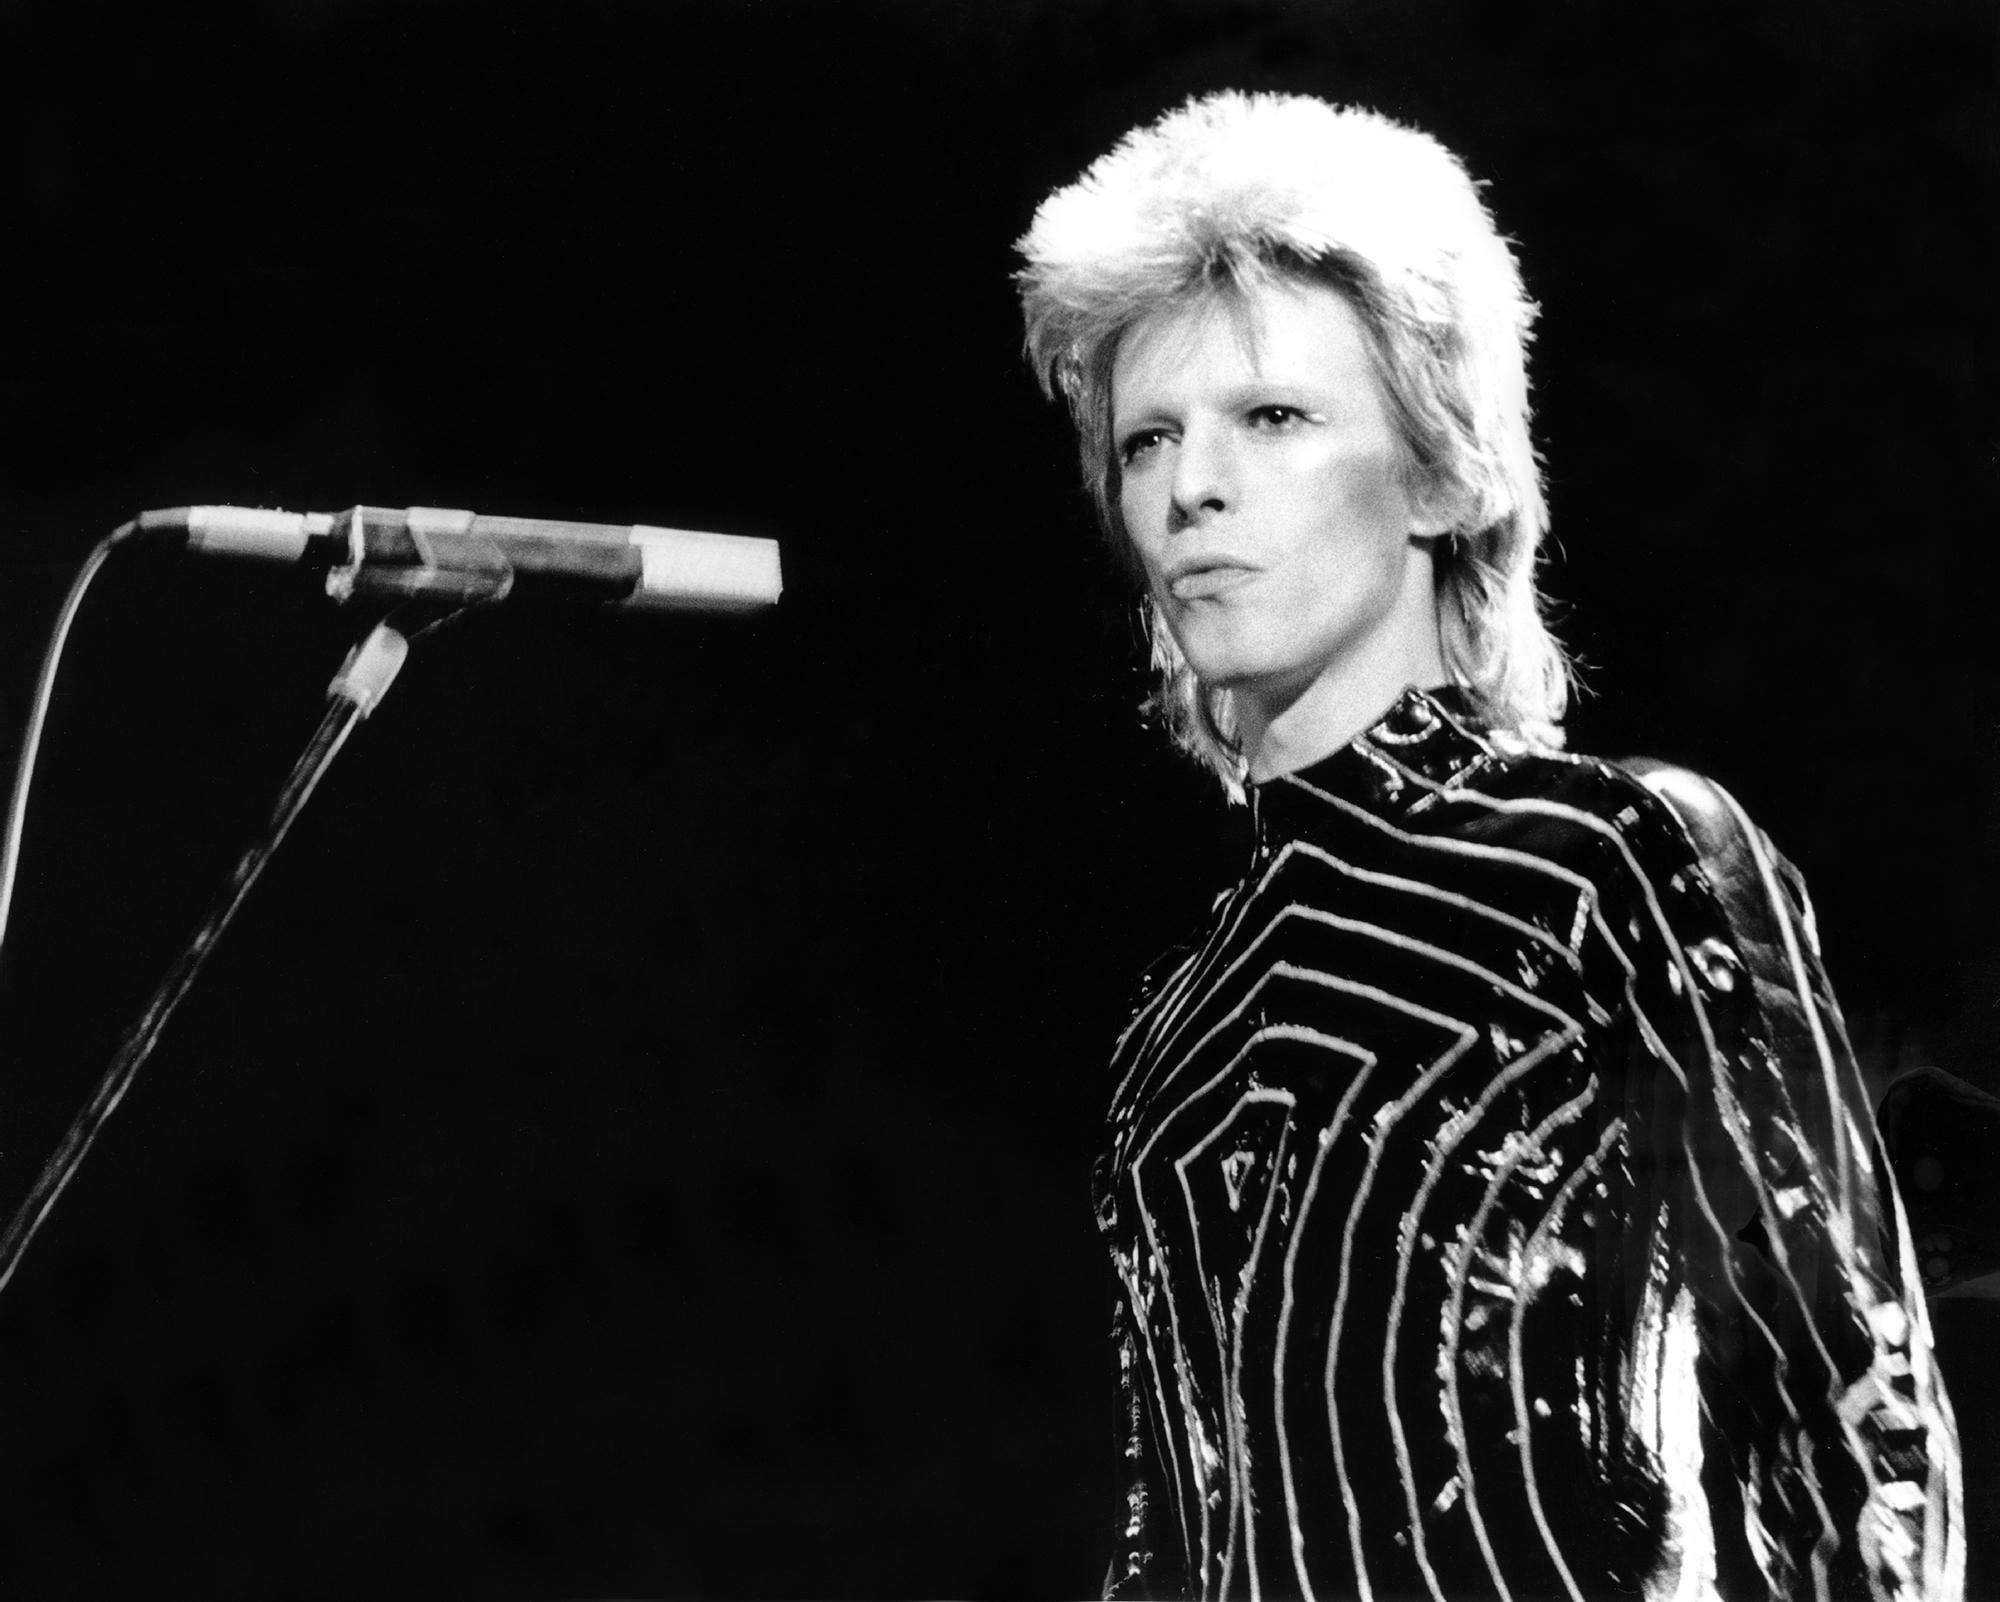 Ziggy Stardust Era Bowie In LA fine art photography